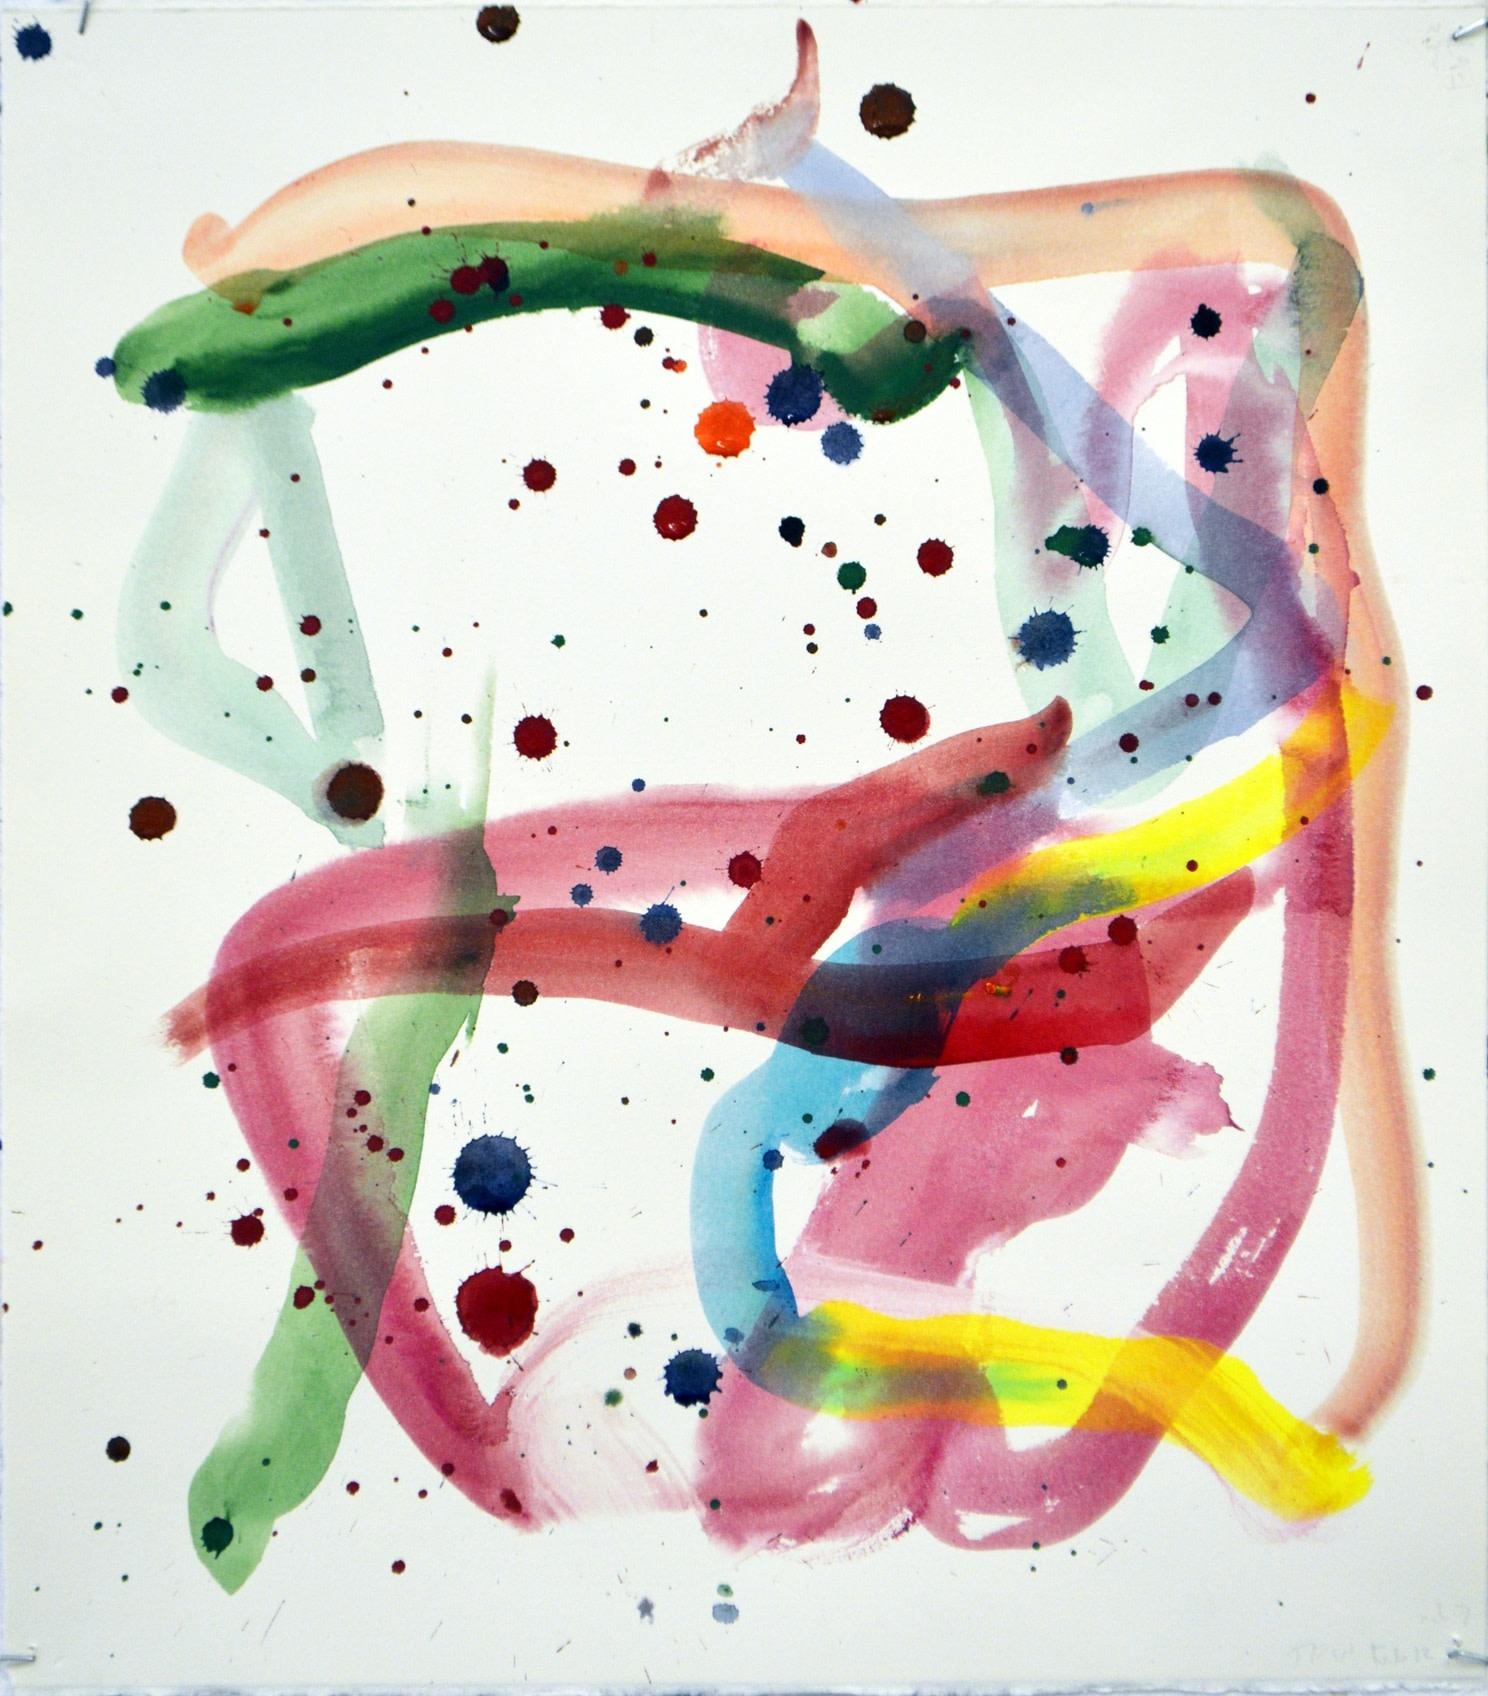 <span class=&#34;link fancybox-details-link&#34;><a href=&#34;/exhibitions/24/works/artworks_standalone10708/&#34;>View Detail Page</a></span><div class=&#34;artist&#34;><span class=&#34;artist&#34;><strong>James Faure Walker</strong></span></div><div class=&#34;title&#34;><em>Quiet Study</em></div><div class=&#34;medium&#34;>watercolour</div><div class=&#34;dimensions&#34;>63 x 58cm</div>